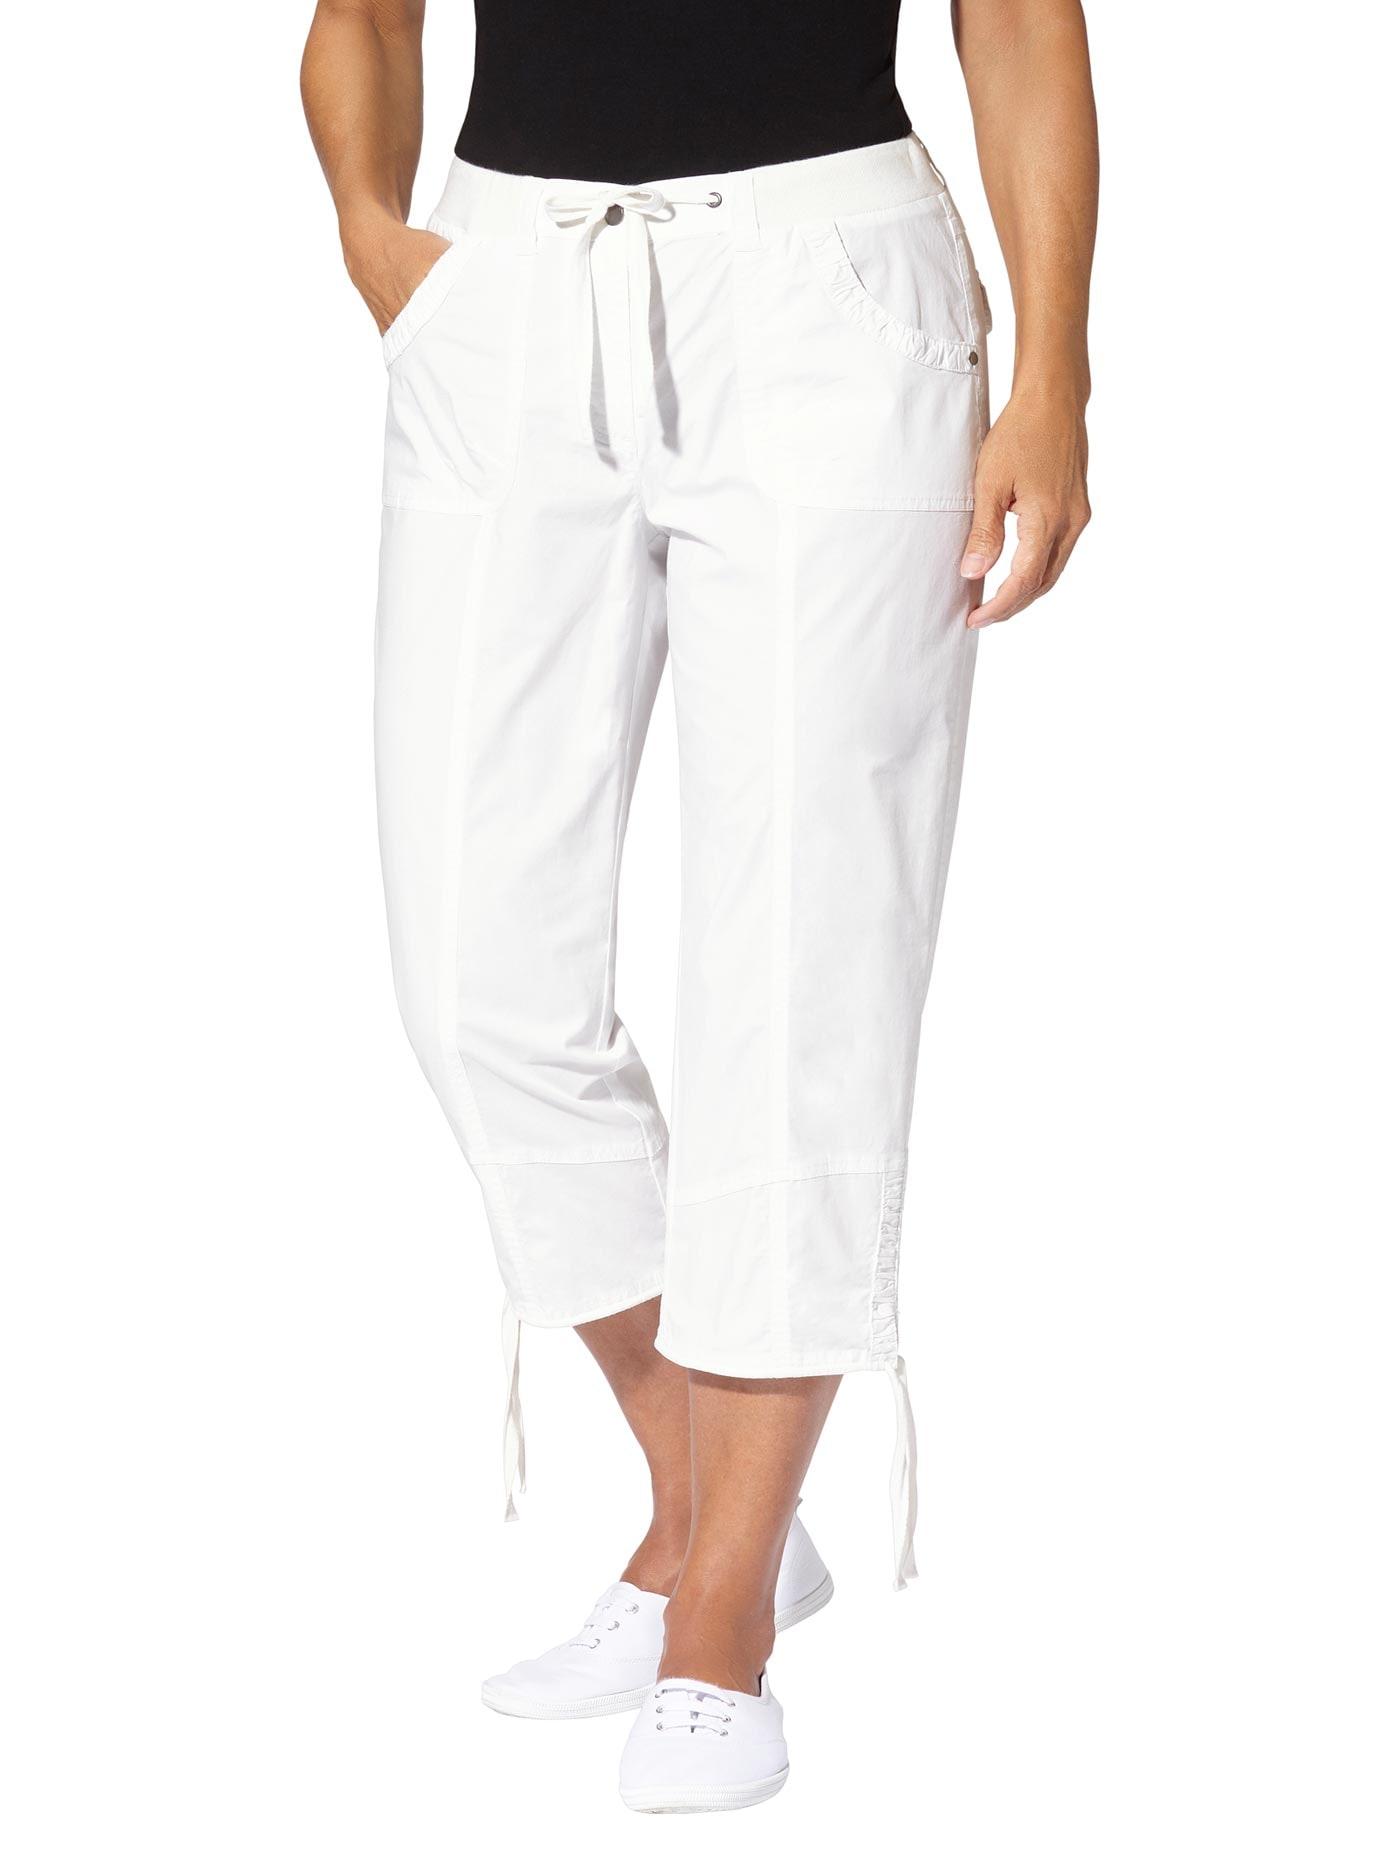 Casual Looks Hose 3/4-lang mit Raffung und Zugband am Beinende | Bekleidung > Hosen > Sonstige Hosen | Casual Looks